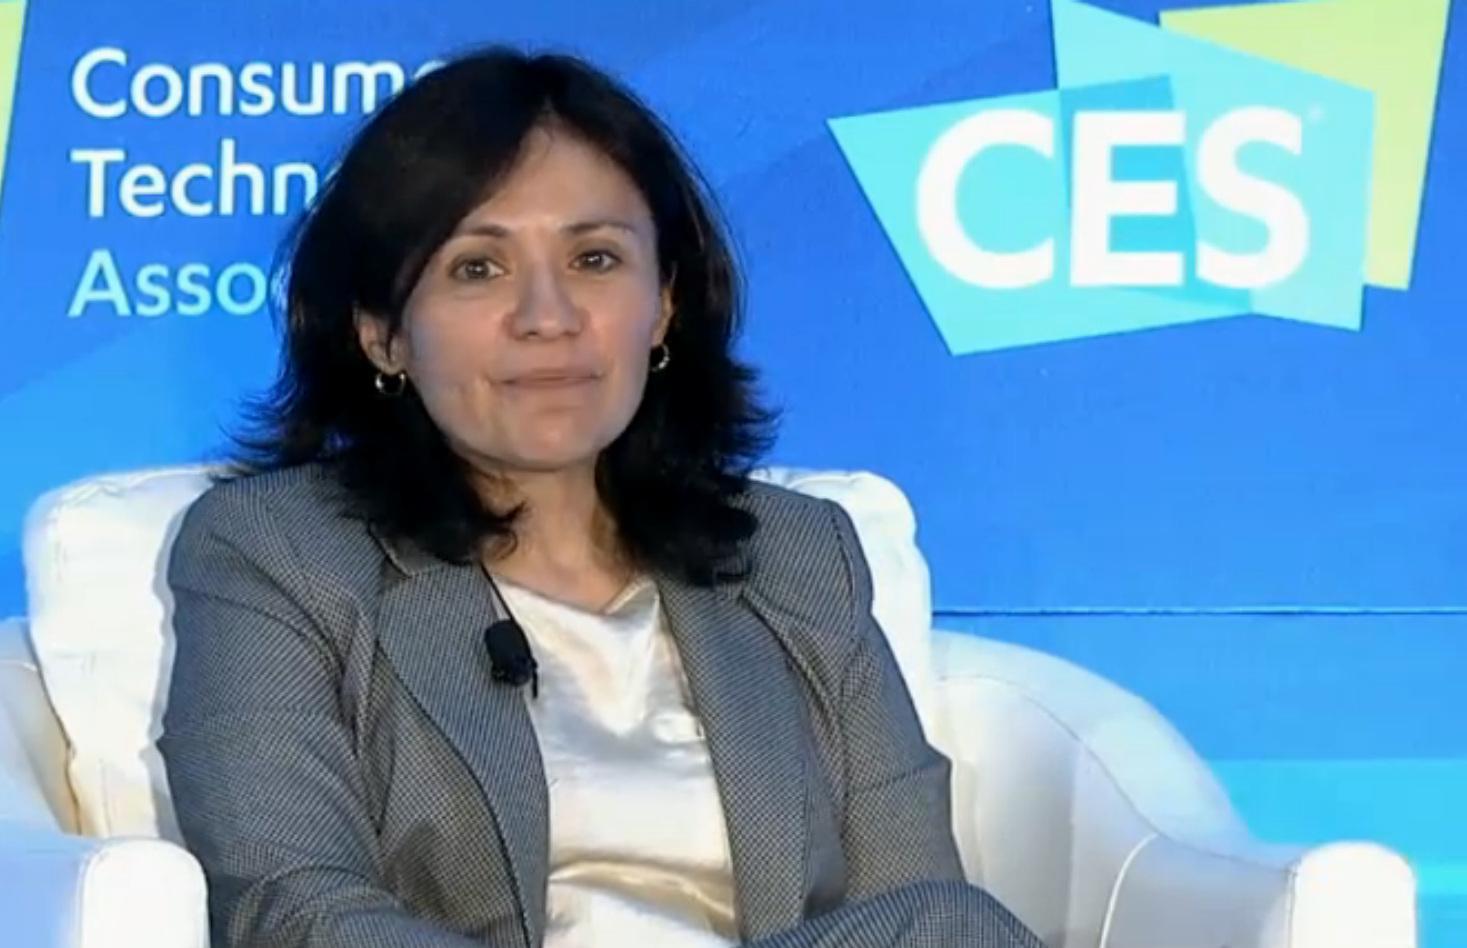 Edith Ramirez, sitzend